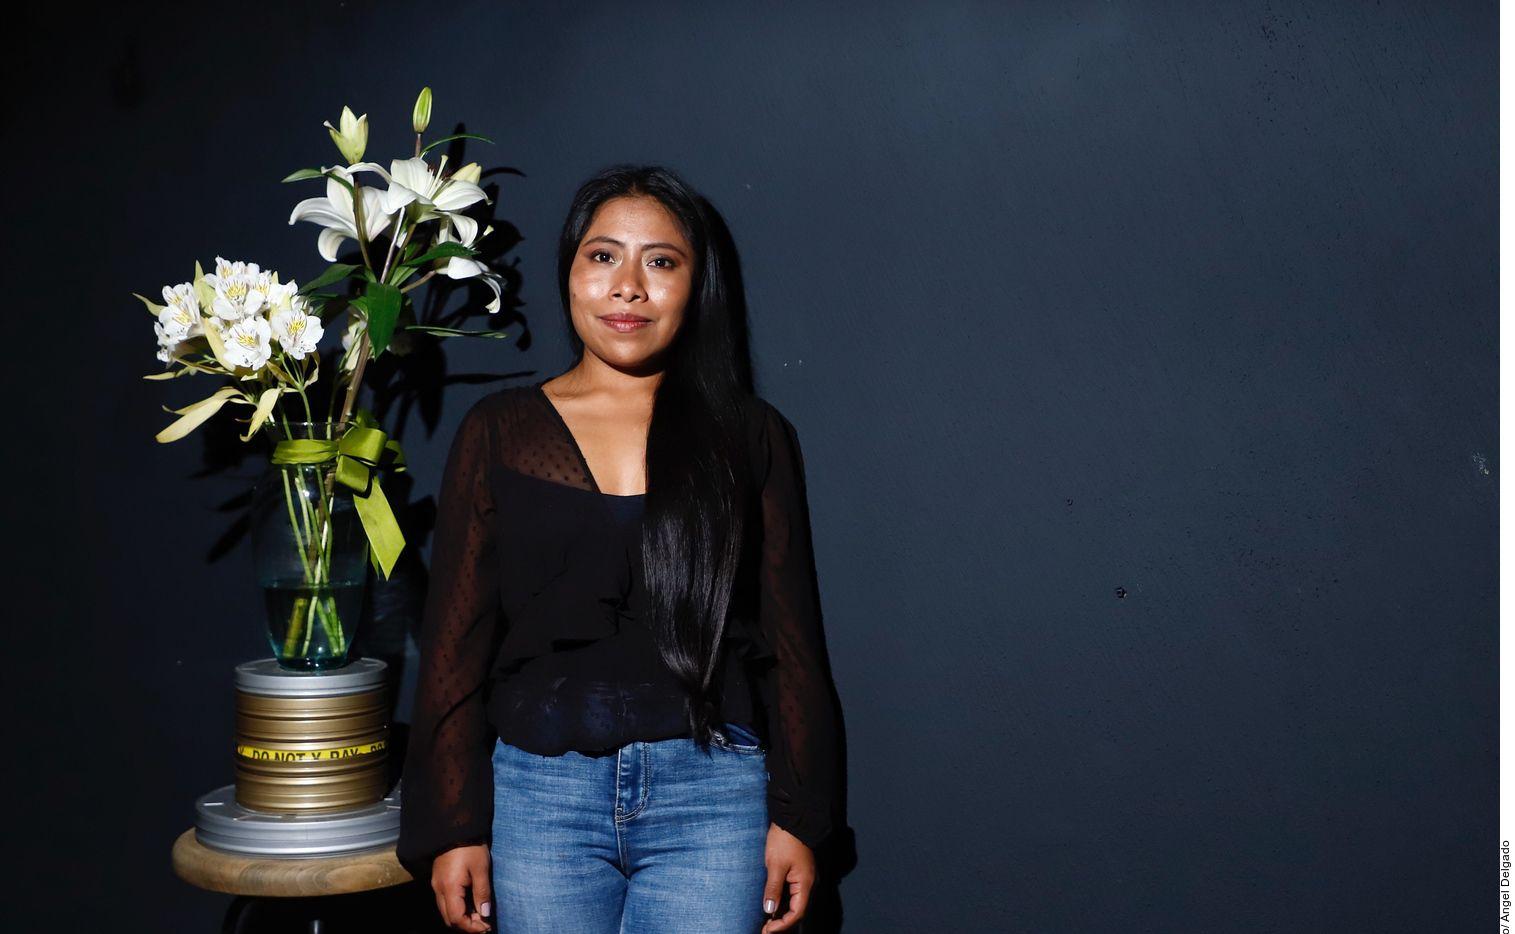 Yalitza Aparicio quiere hacer conciencia sobre la salud, tras confesar en su canal de YouTube que tiene melasma.